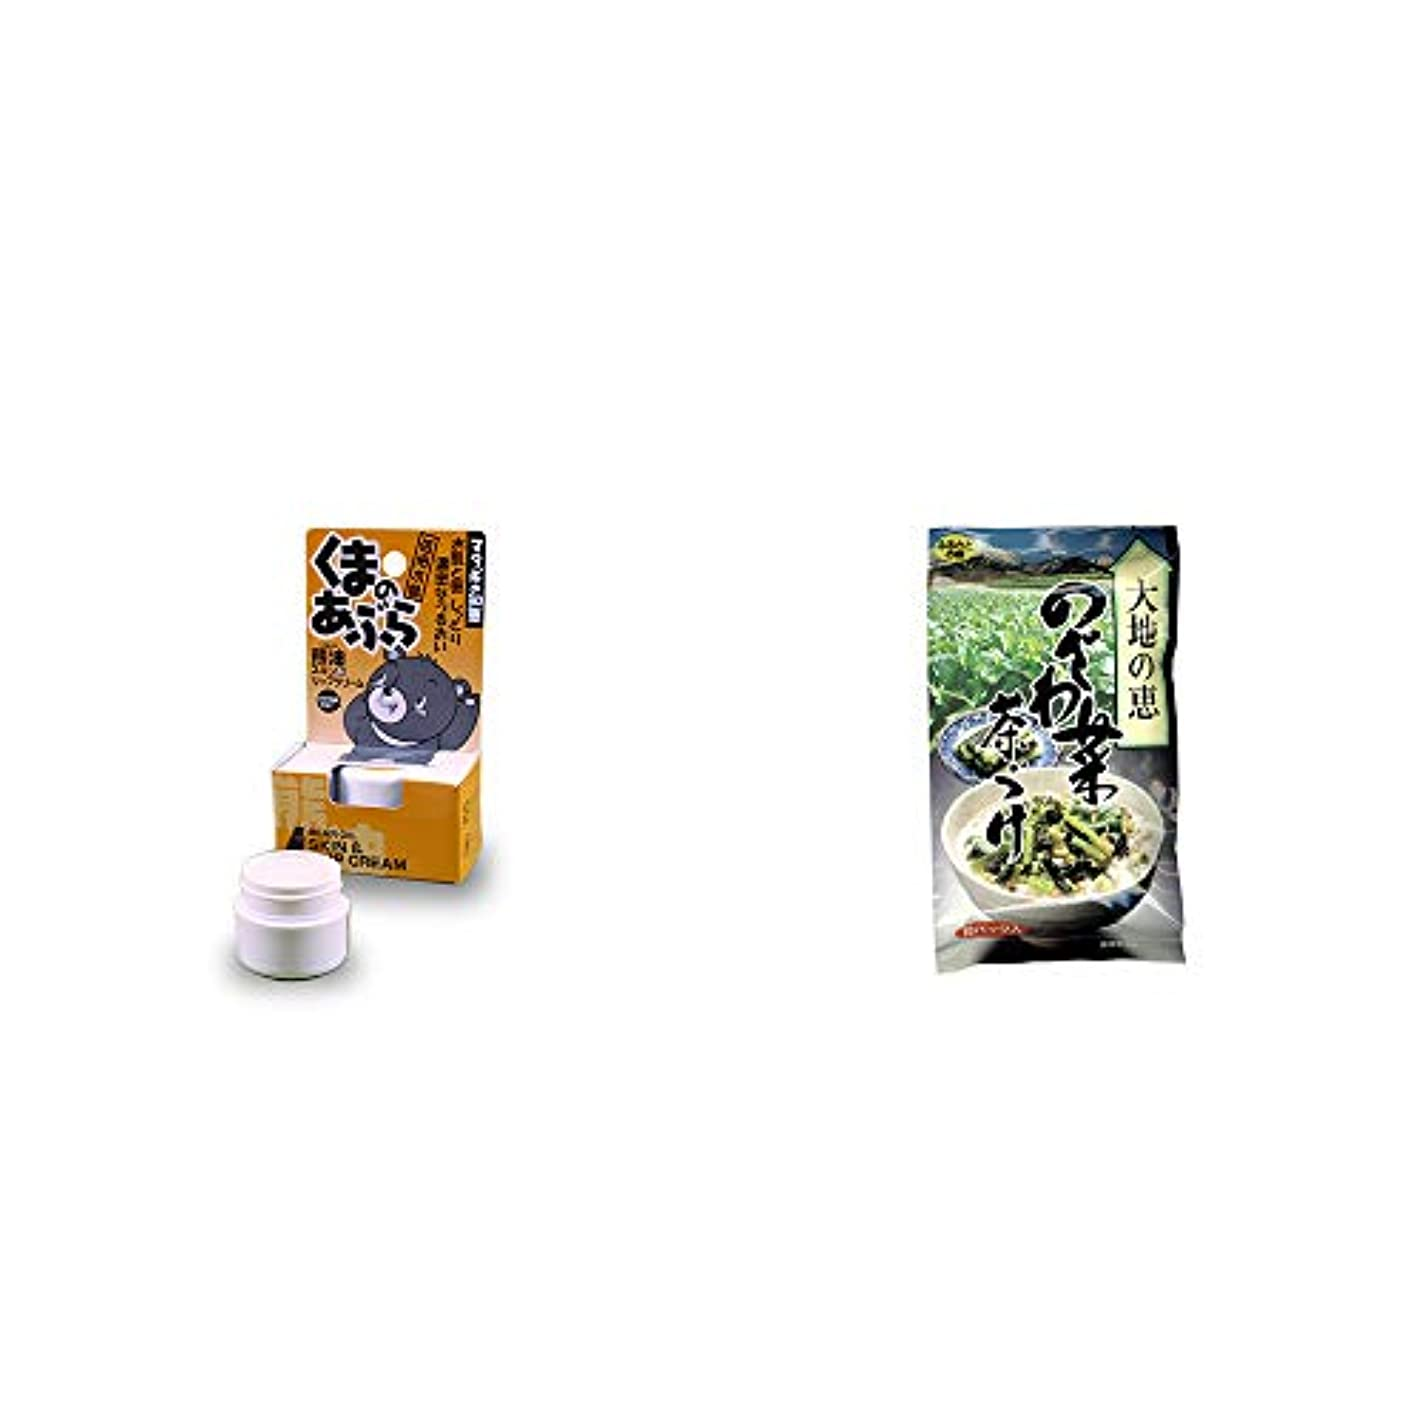 偽装する故障止まる[2点セット] 信州木曽 くまのあぶら 熊油スキン&リップクリーム(9g)?特選茶漬け 大地の恵 のざわ菜茶づけ(10袋入)